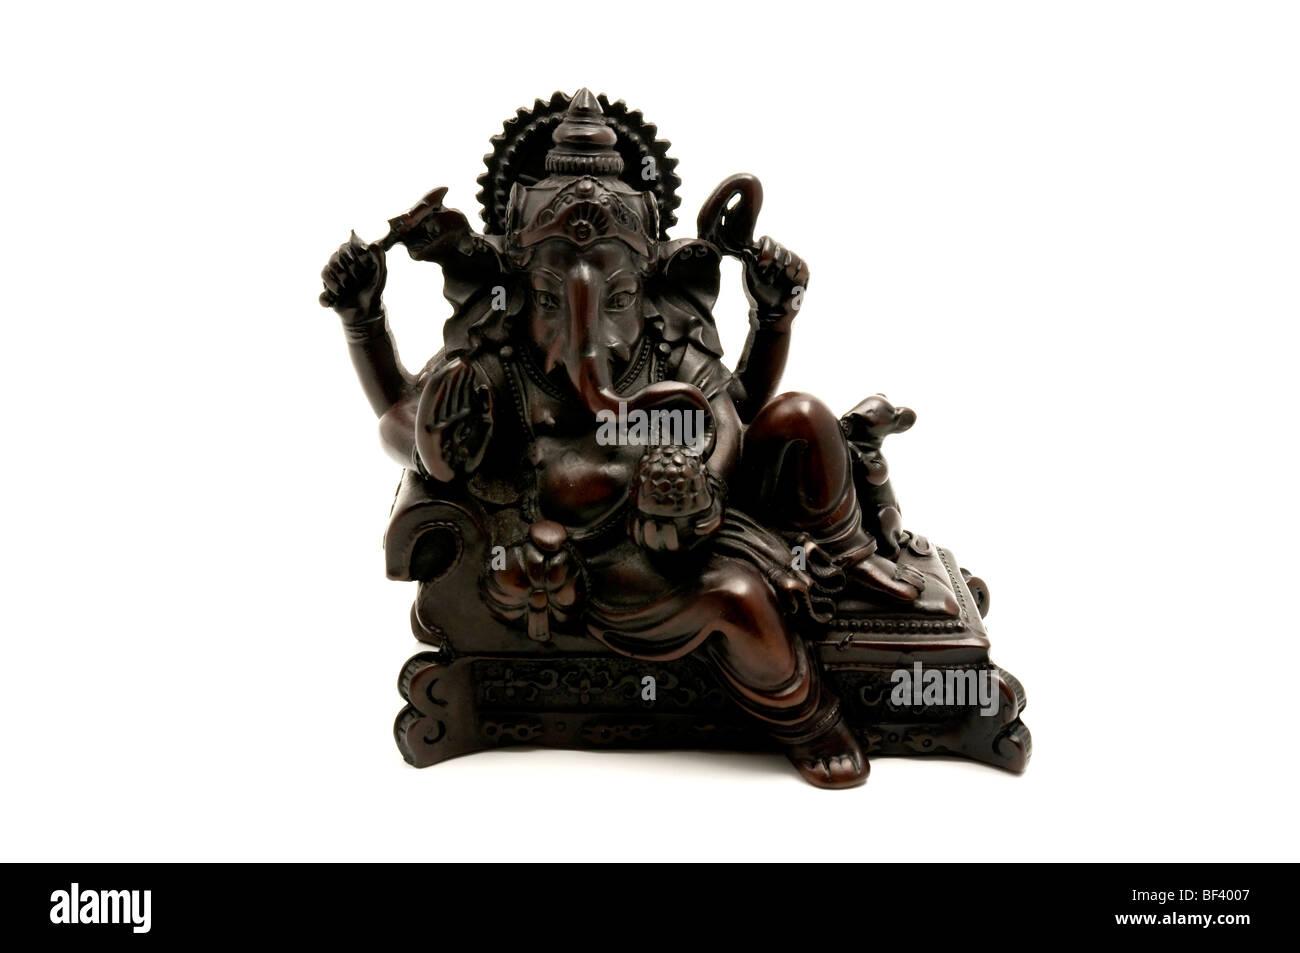 Estatua del dios hinduista Ganesha sobre un fondo blanco. Foto de stock